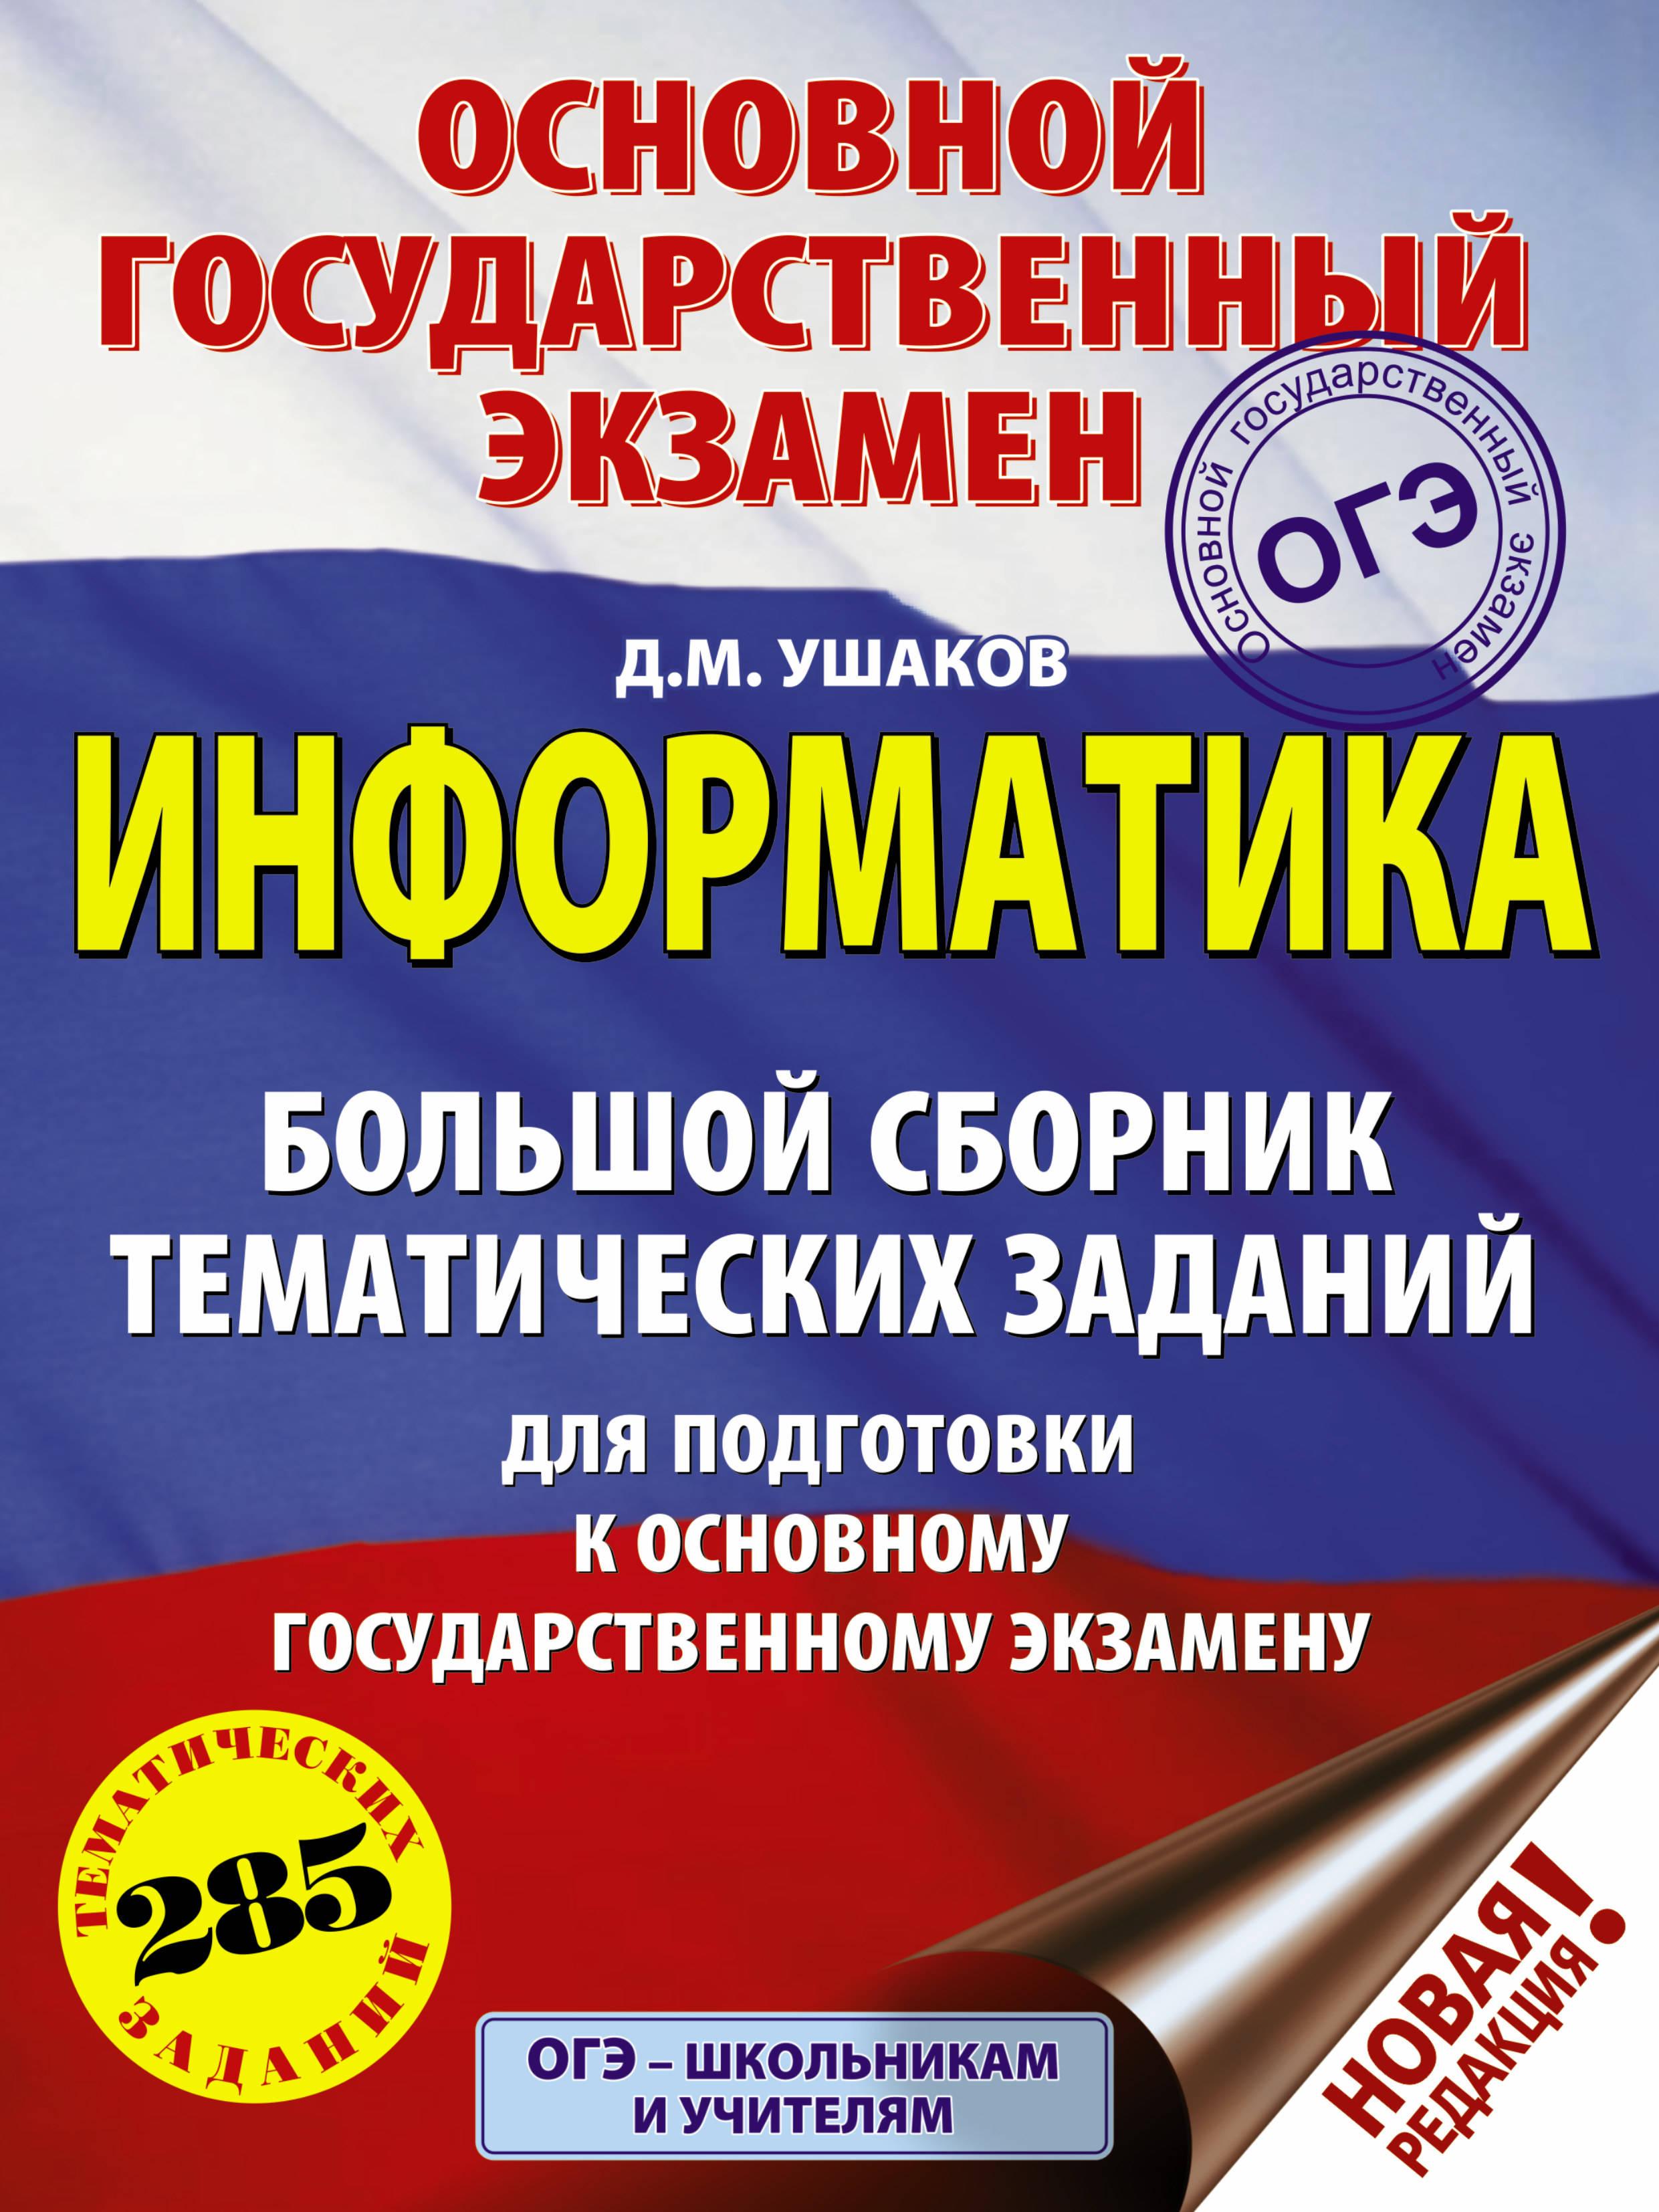 OGE. Informatika (60kh84/8) Bolshoj sbornik tematicheskikh zadanij dlja podgotovki k osnovnomu gosudarstvennomu ekzamenu